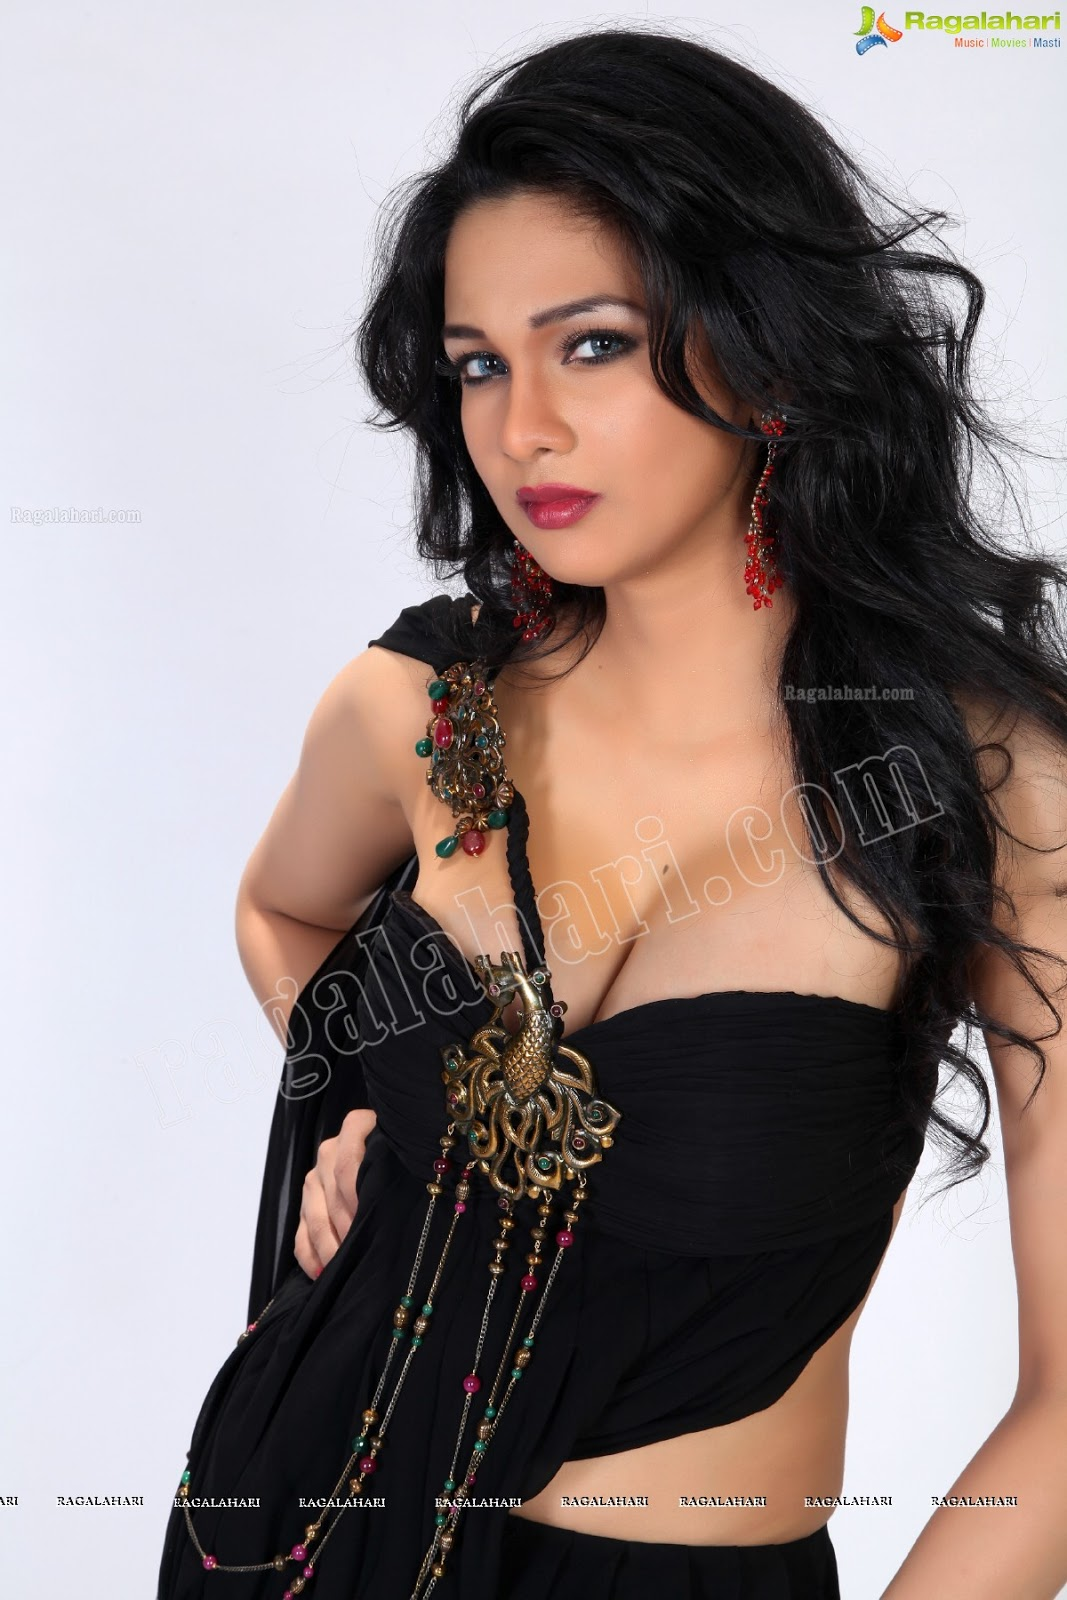 Ipsita Pati, actress armpit photos, hot bogy show, Hot Armpit Show, spicy show, hot sexy armpit, masala armpit, tamil armpit, teledu armpit, desi Armpit,